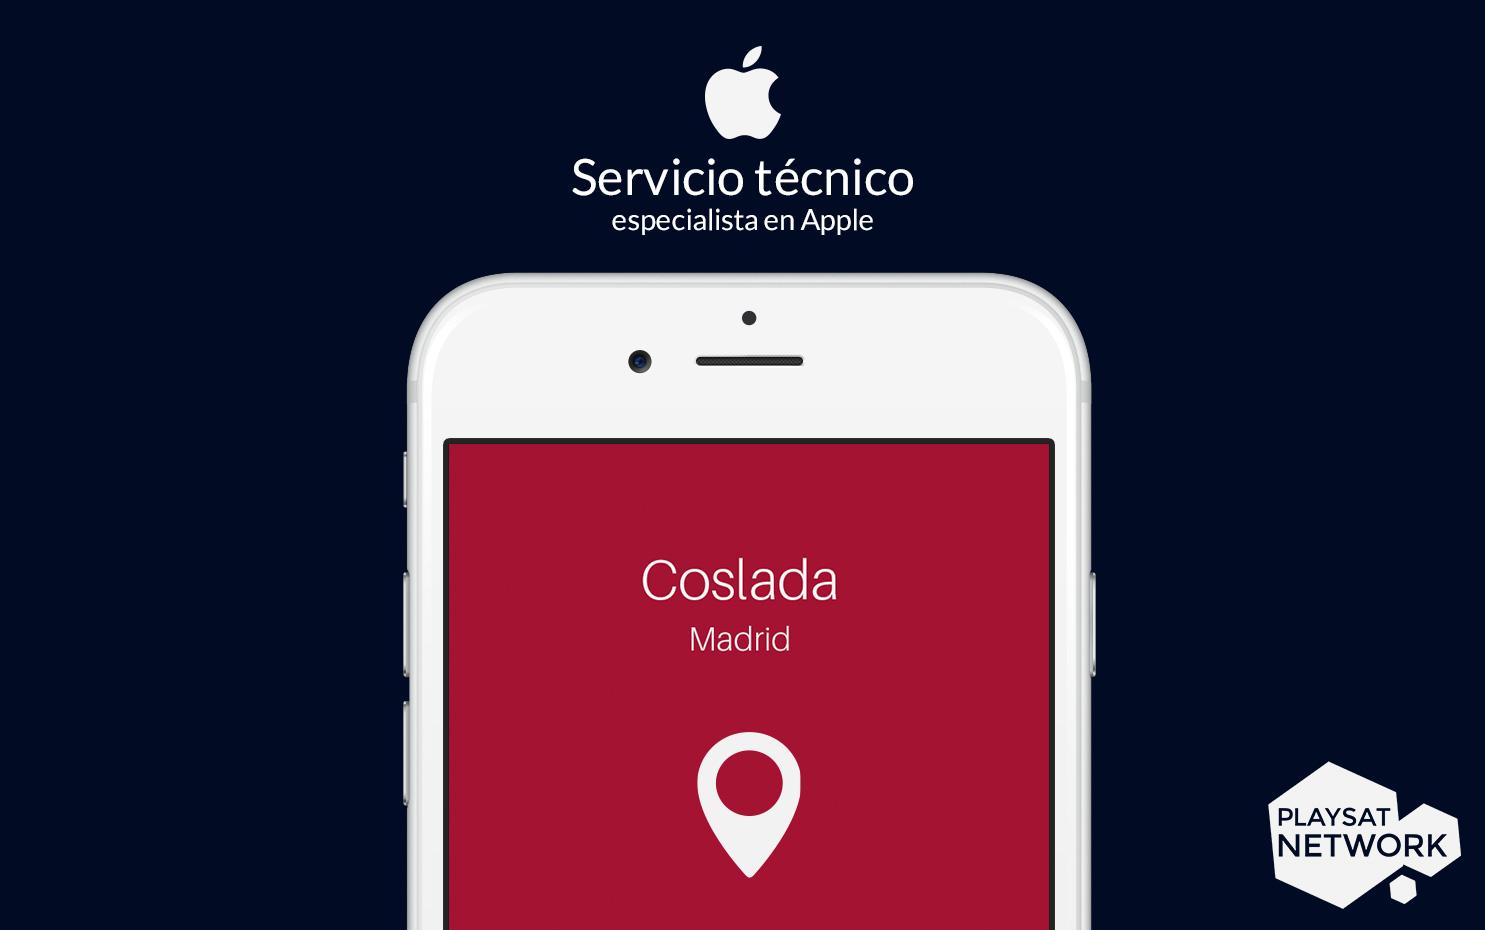 Servicio-Técnico-Apple-Coslada